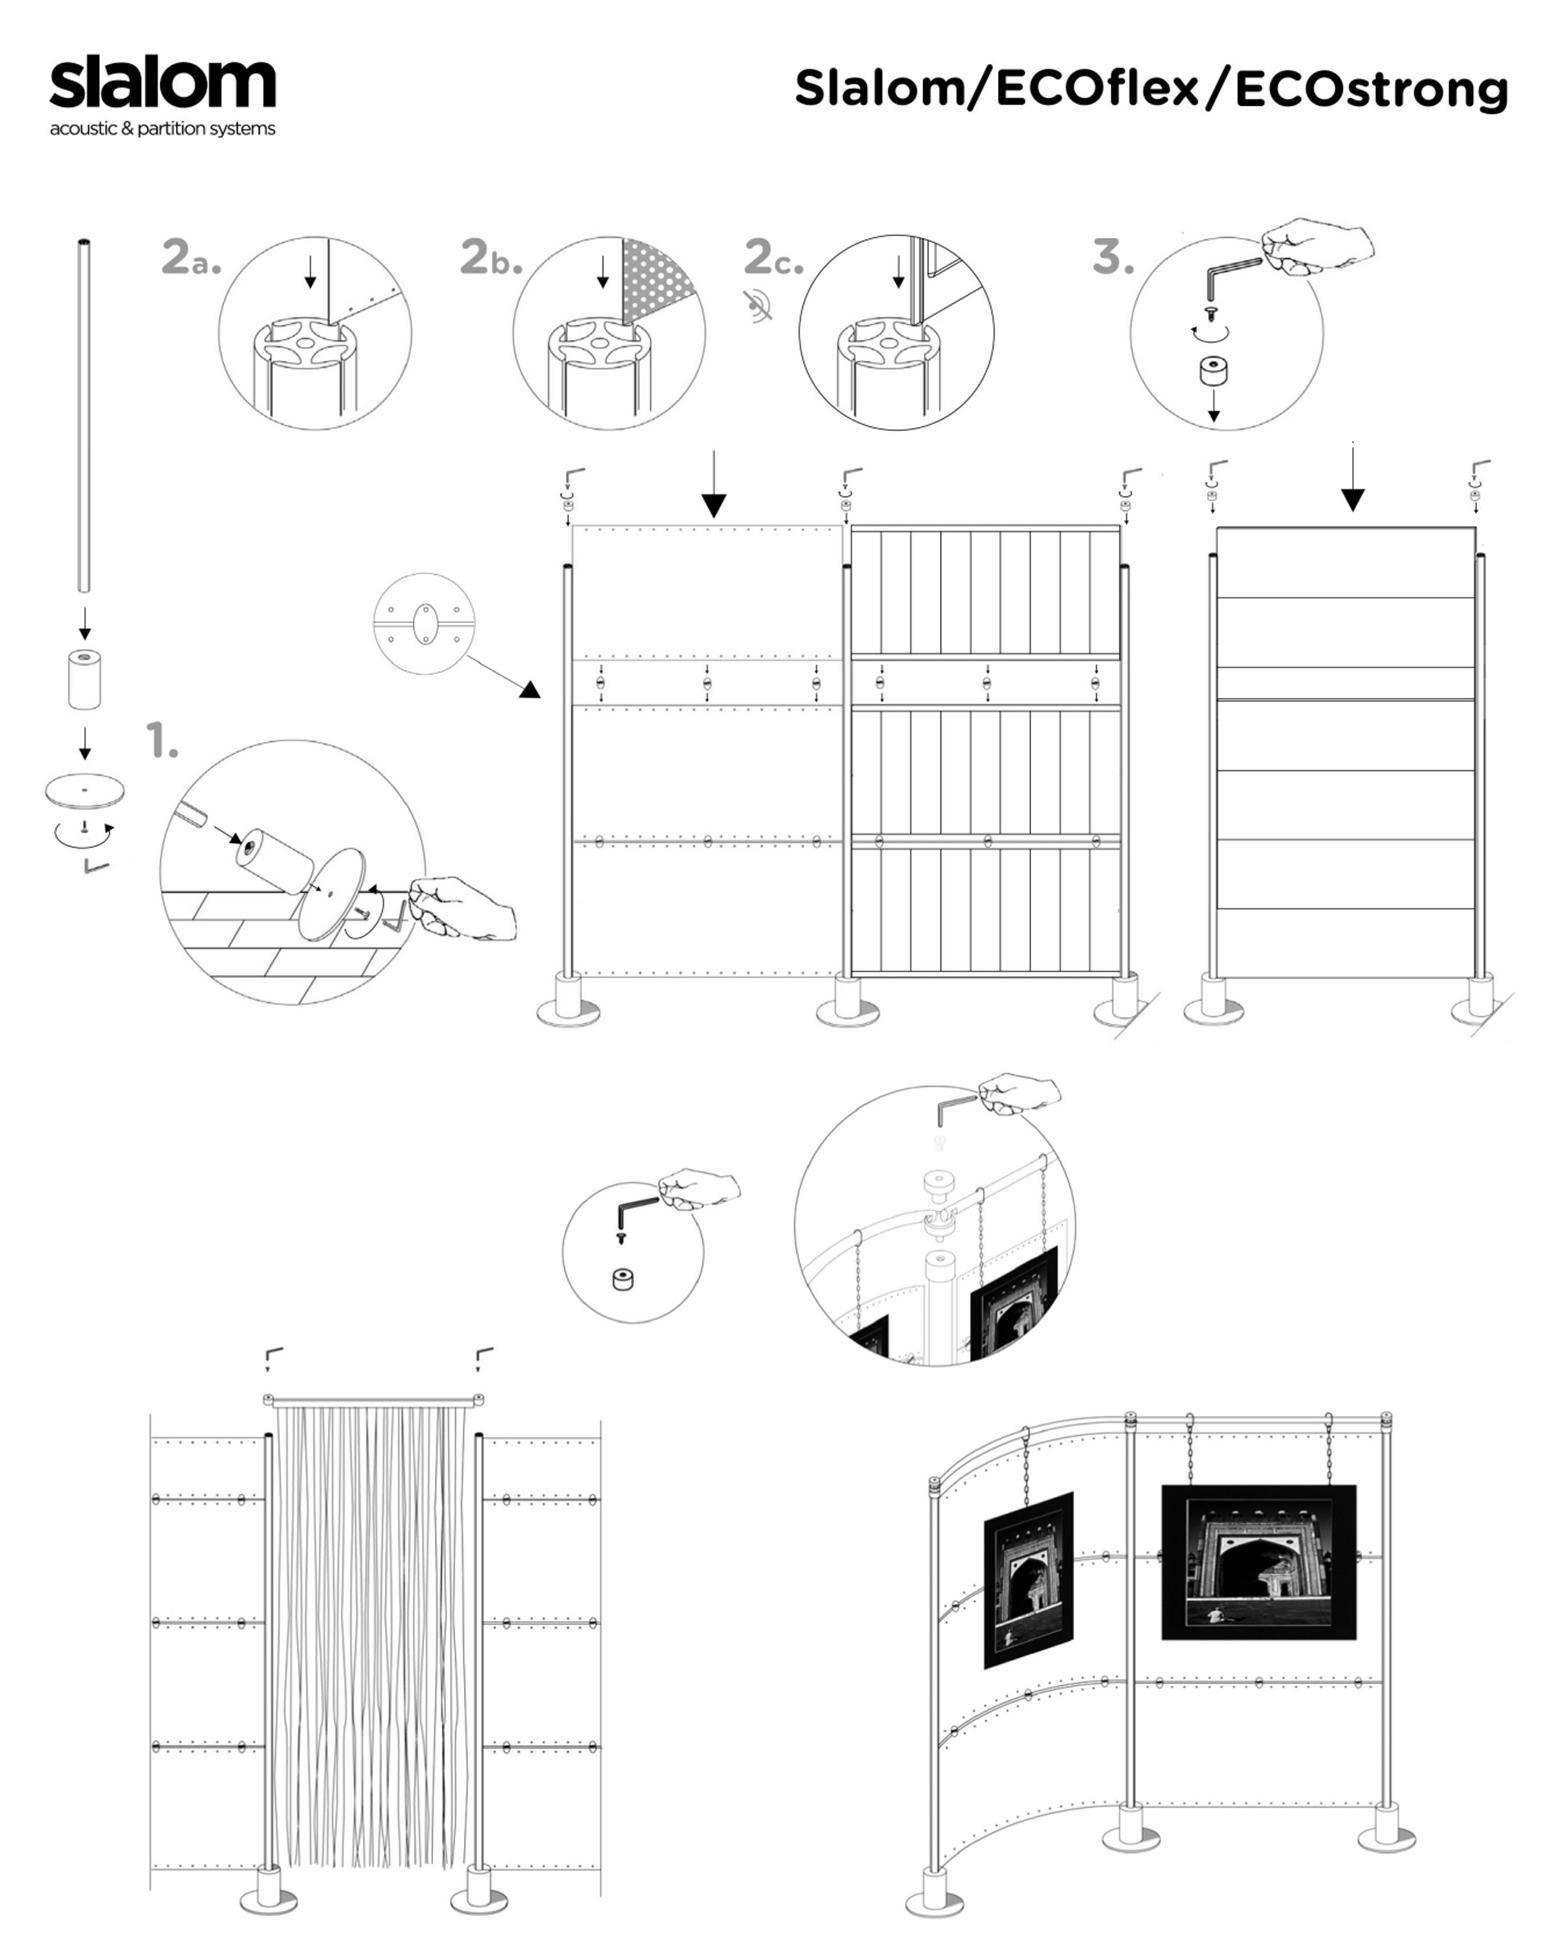 pannello_isolante_ecoflex_slalom_installazione